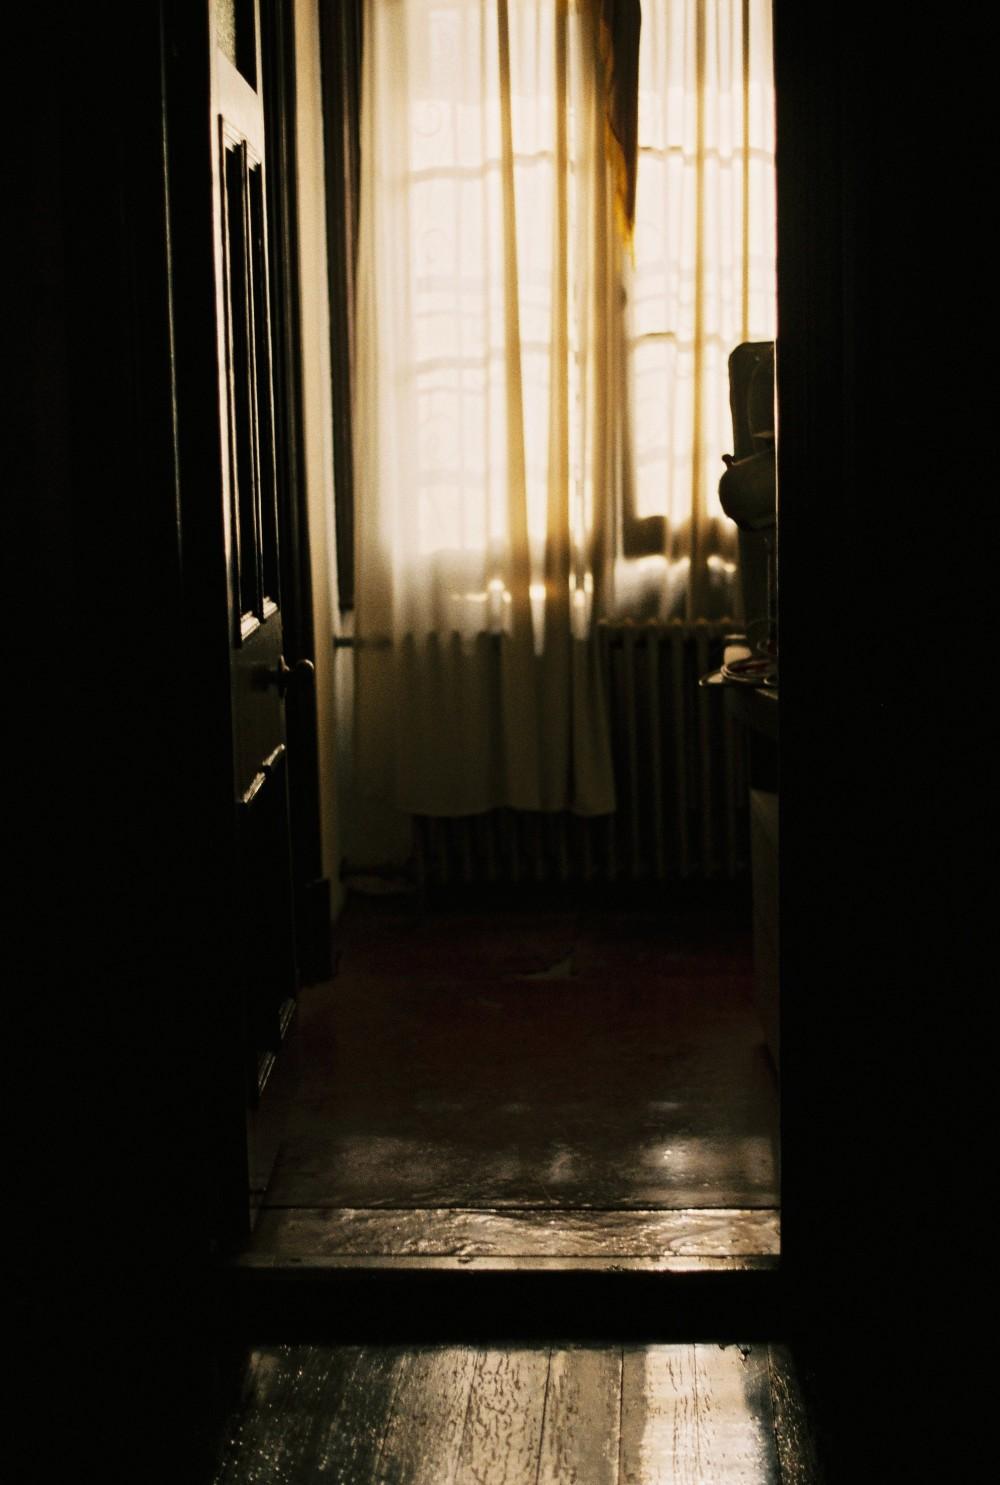 @绿先森的玩意 | 15年胶片整理-菲林中文-独立胶片摄影门户!